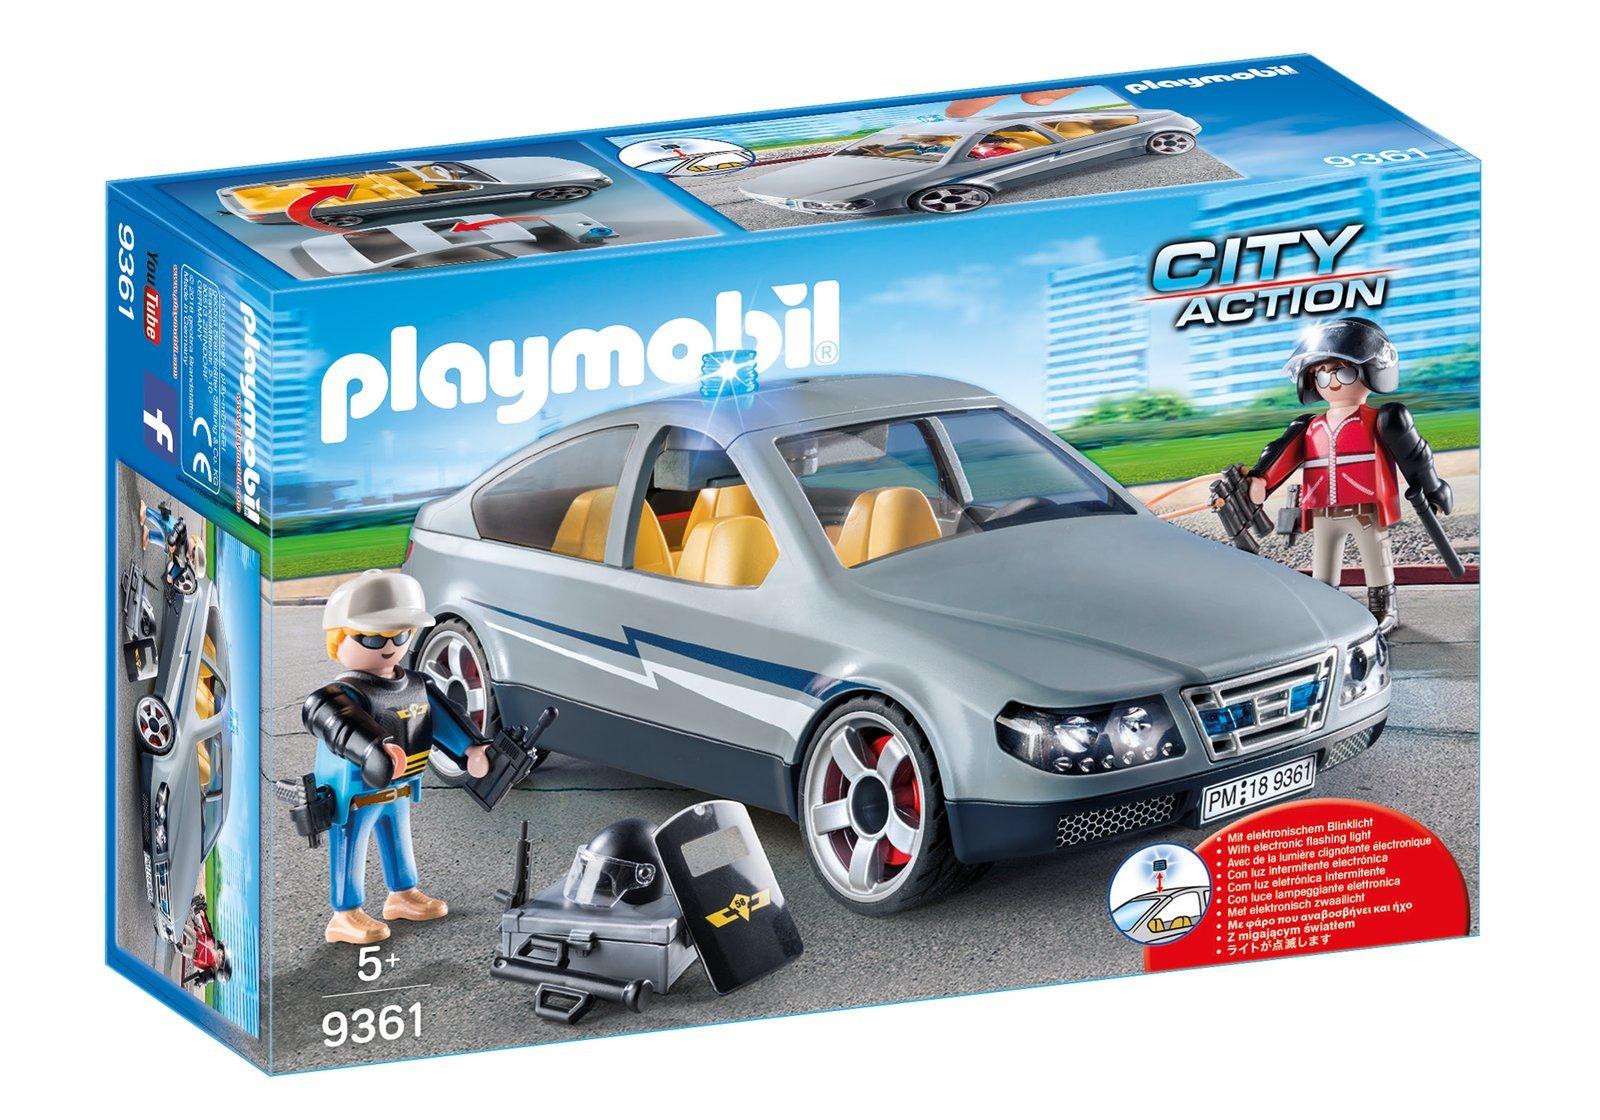 9361 PLAYMOBIL® City Action, Gelbėjimo mašina